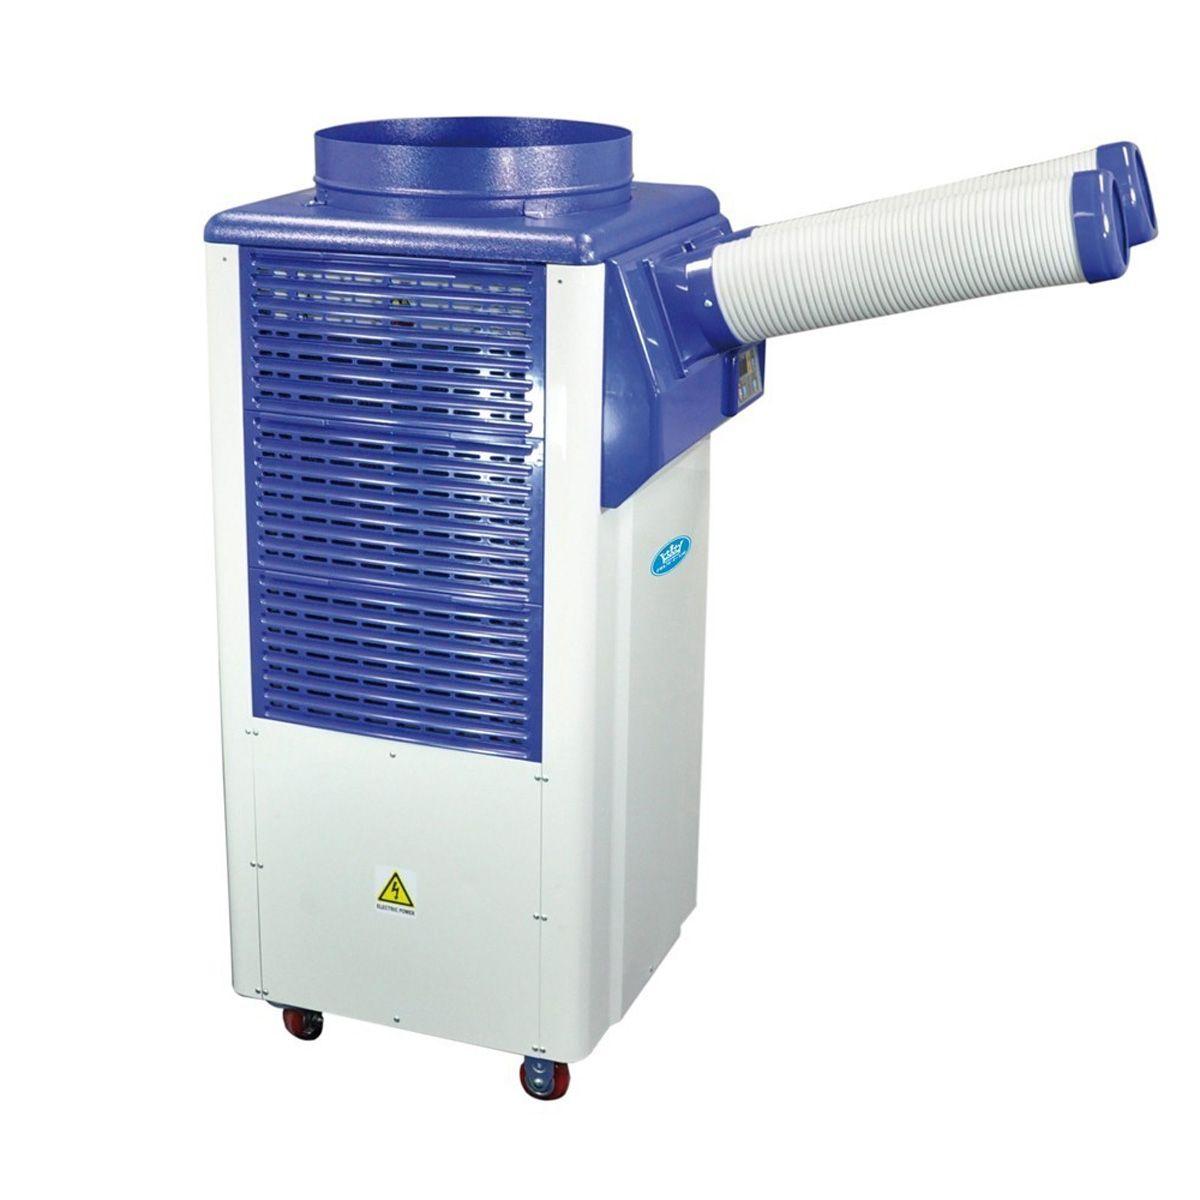 Portable Air Conditioner Titan-Cool TC25 7.3 KW 25000 Btu